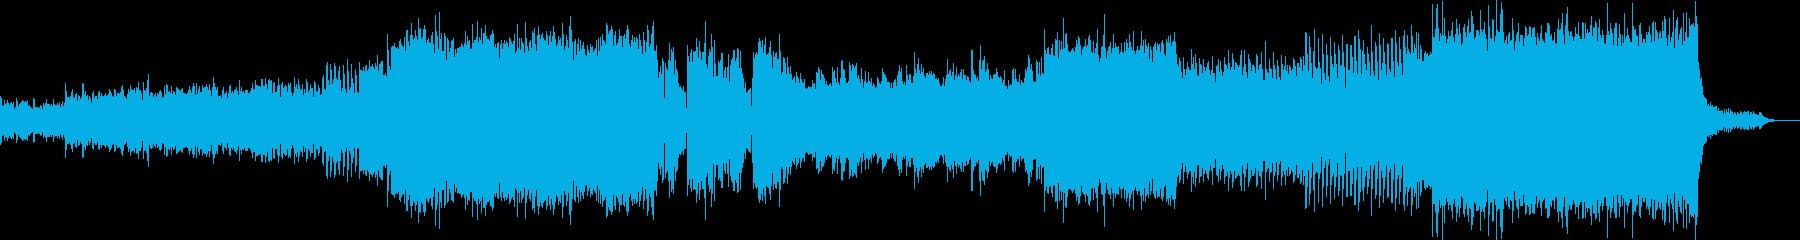 綺麗で爽やかなEDMの再生済みの波形